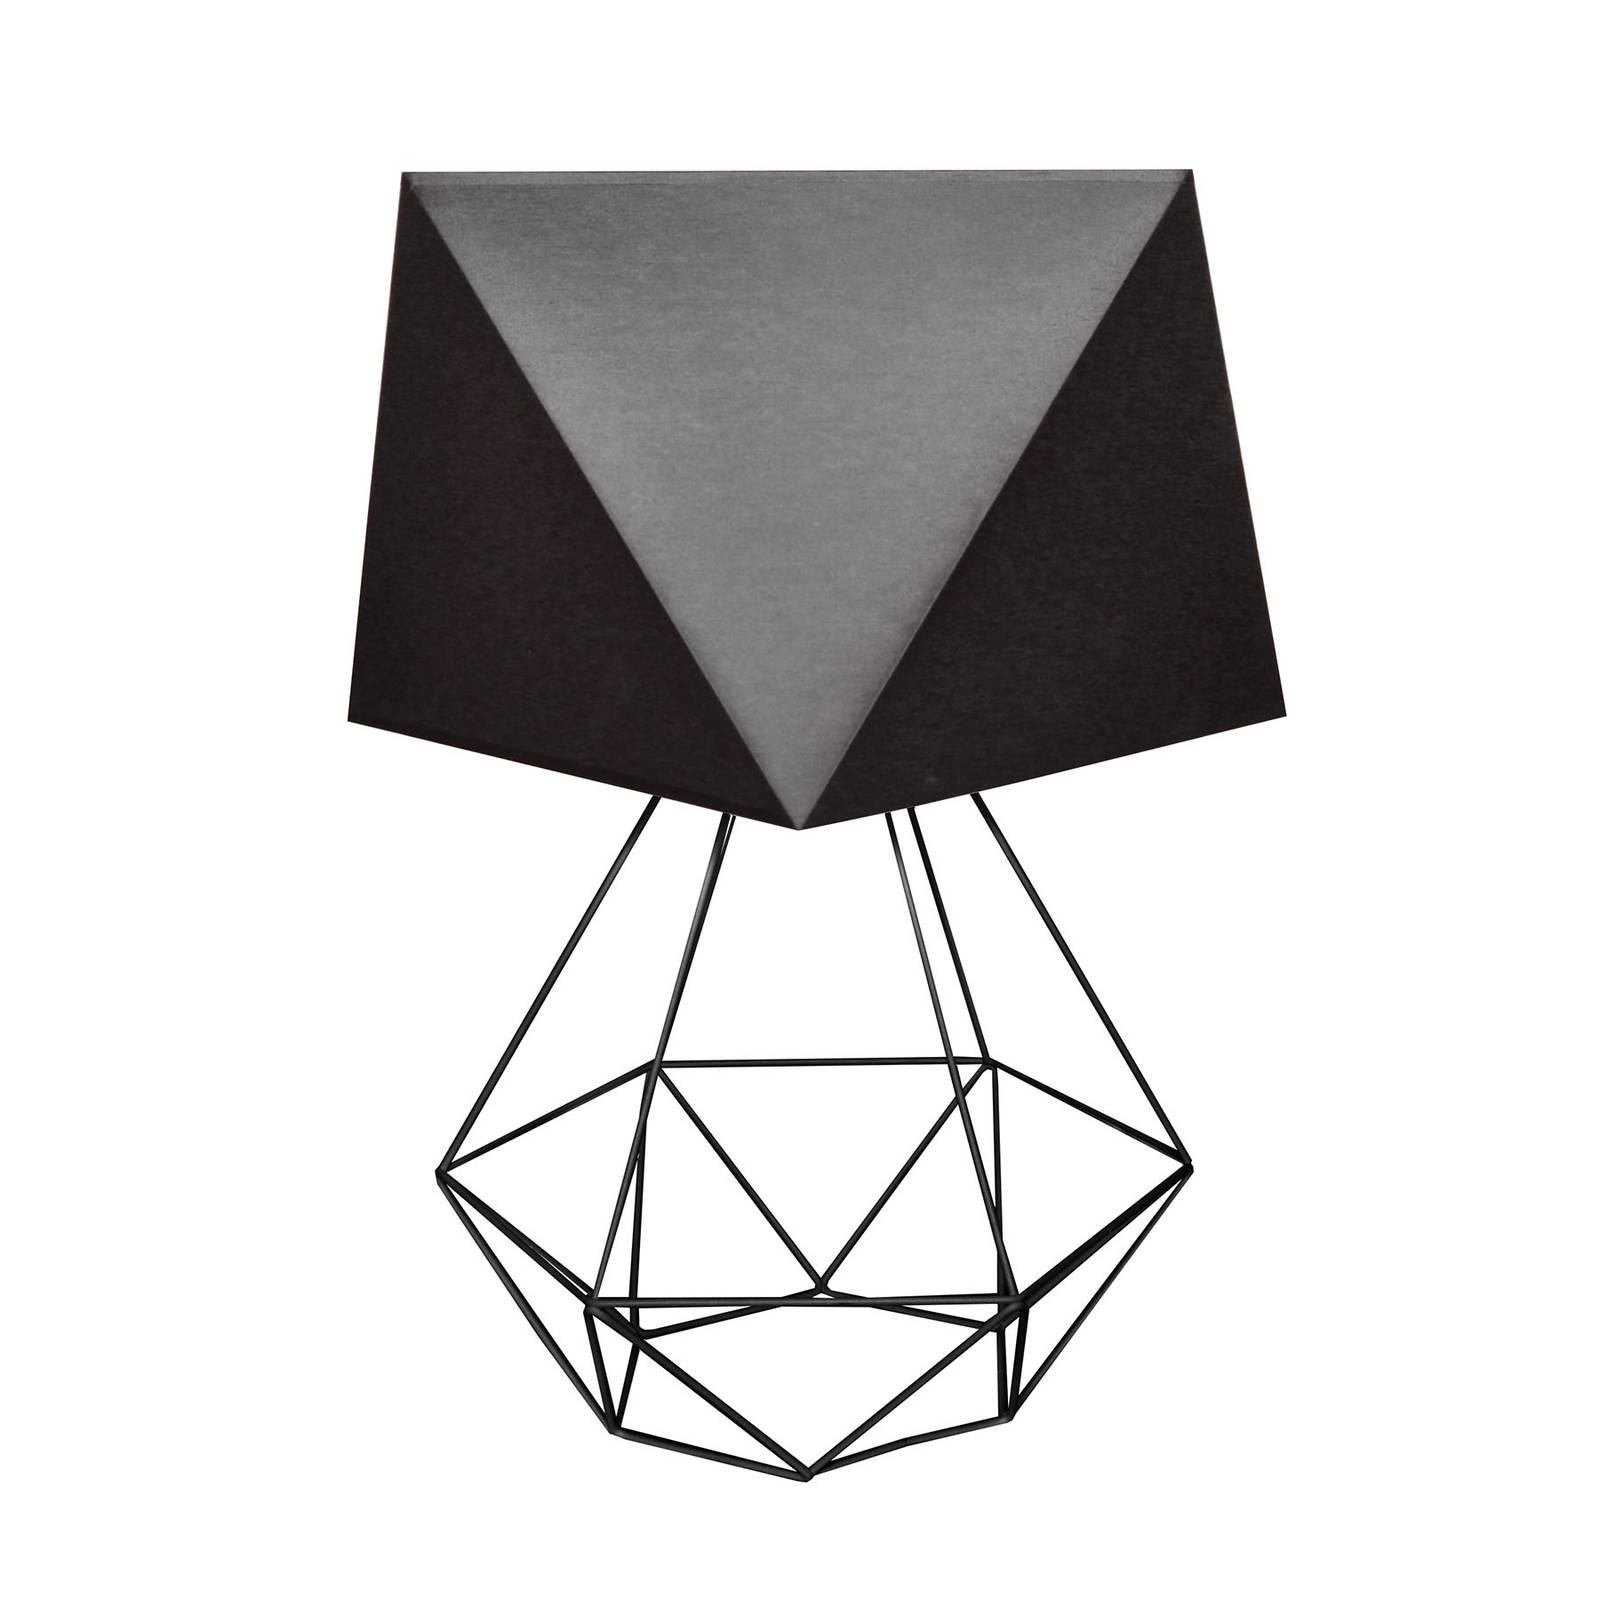 Tischleuchte Karo mit Käfigfuß Höhe 57cm schwarz